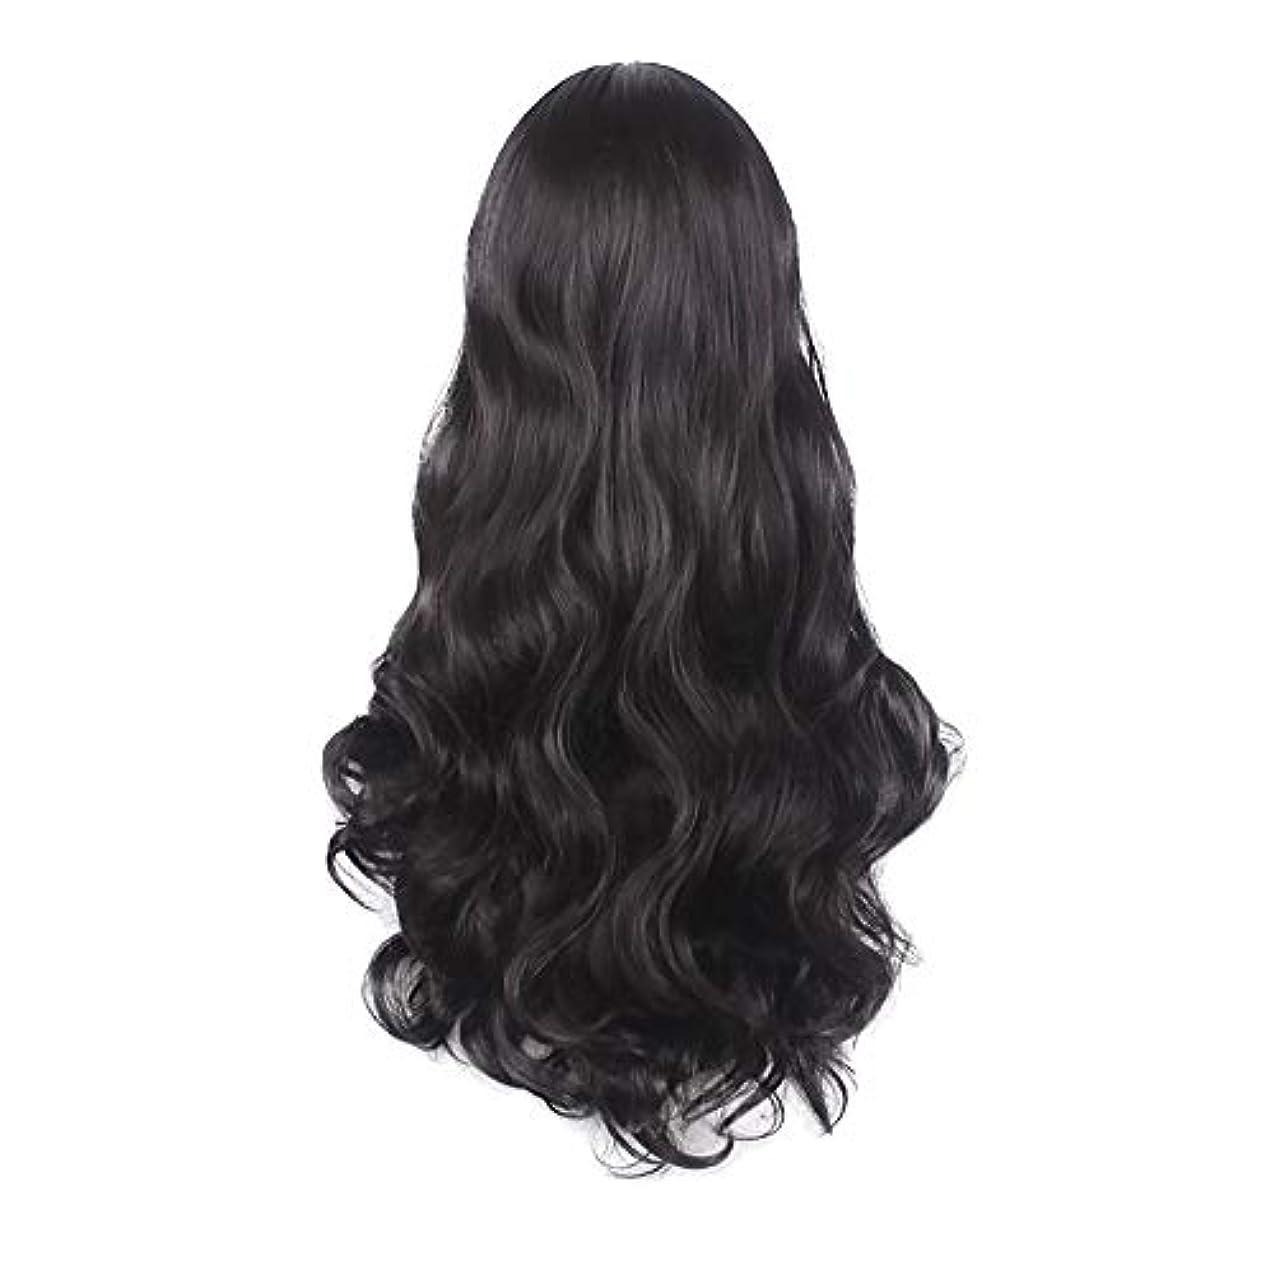 タイプ再開とげのある女性の黒の長い波状の巻き毛のかつらパーティーCOS小道具かつらをかつら